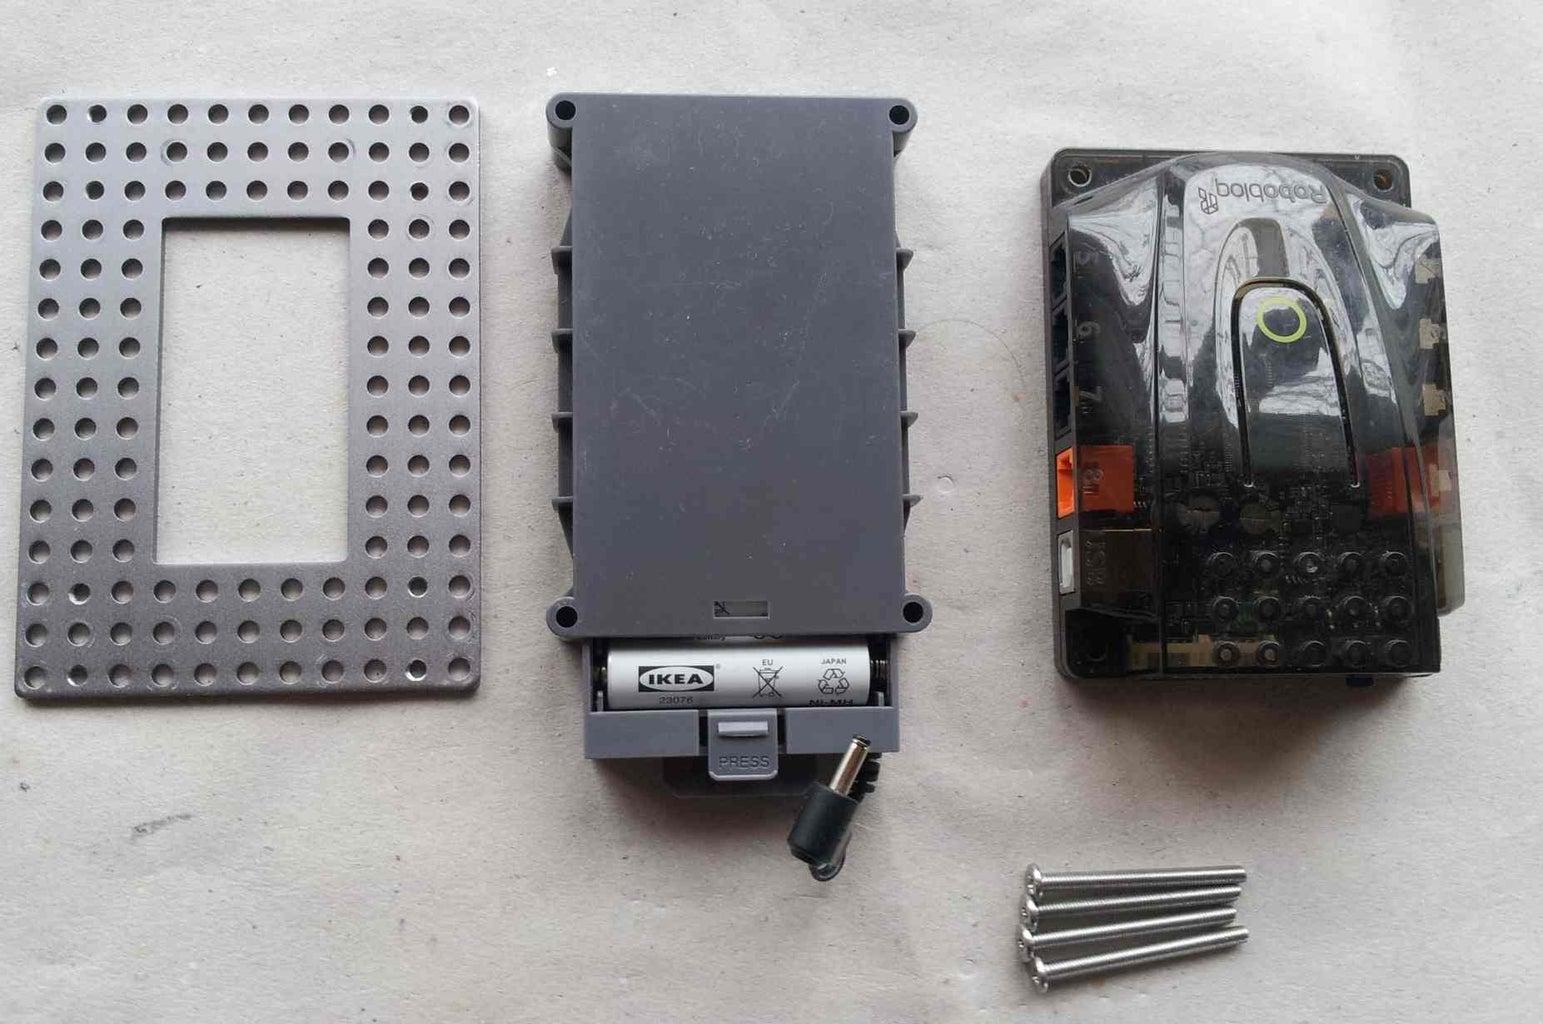 Robot Assembling